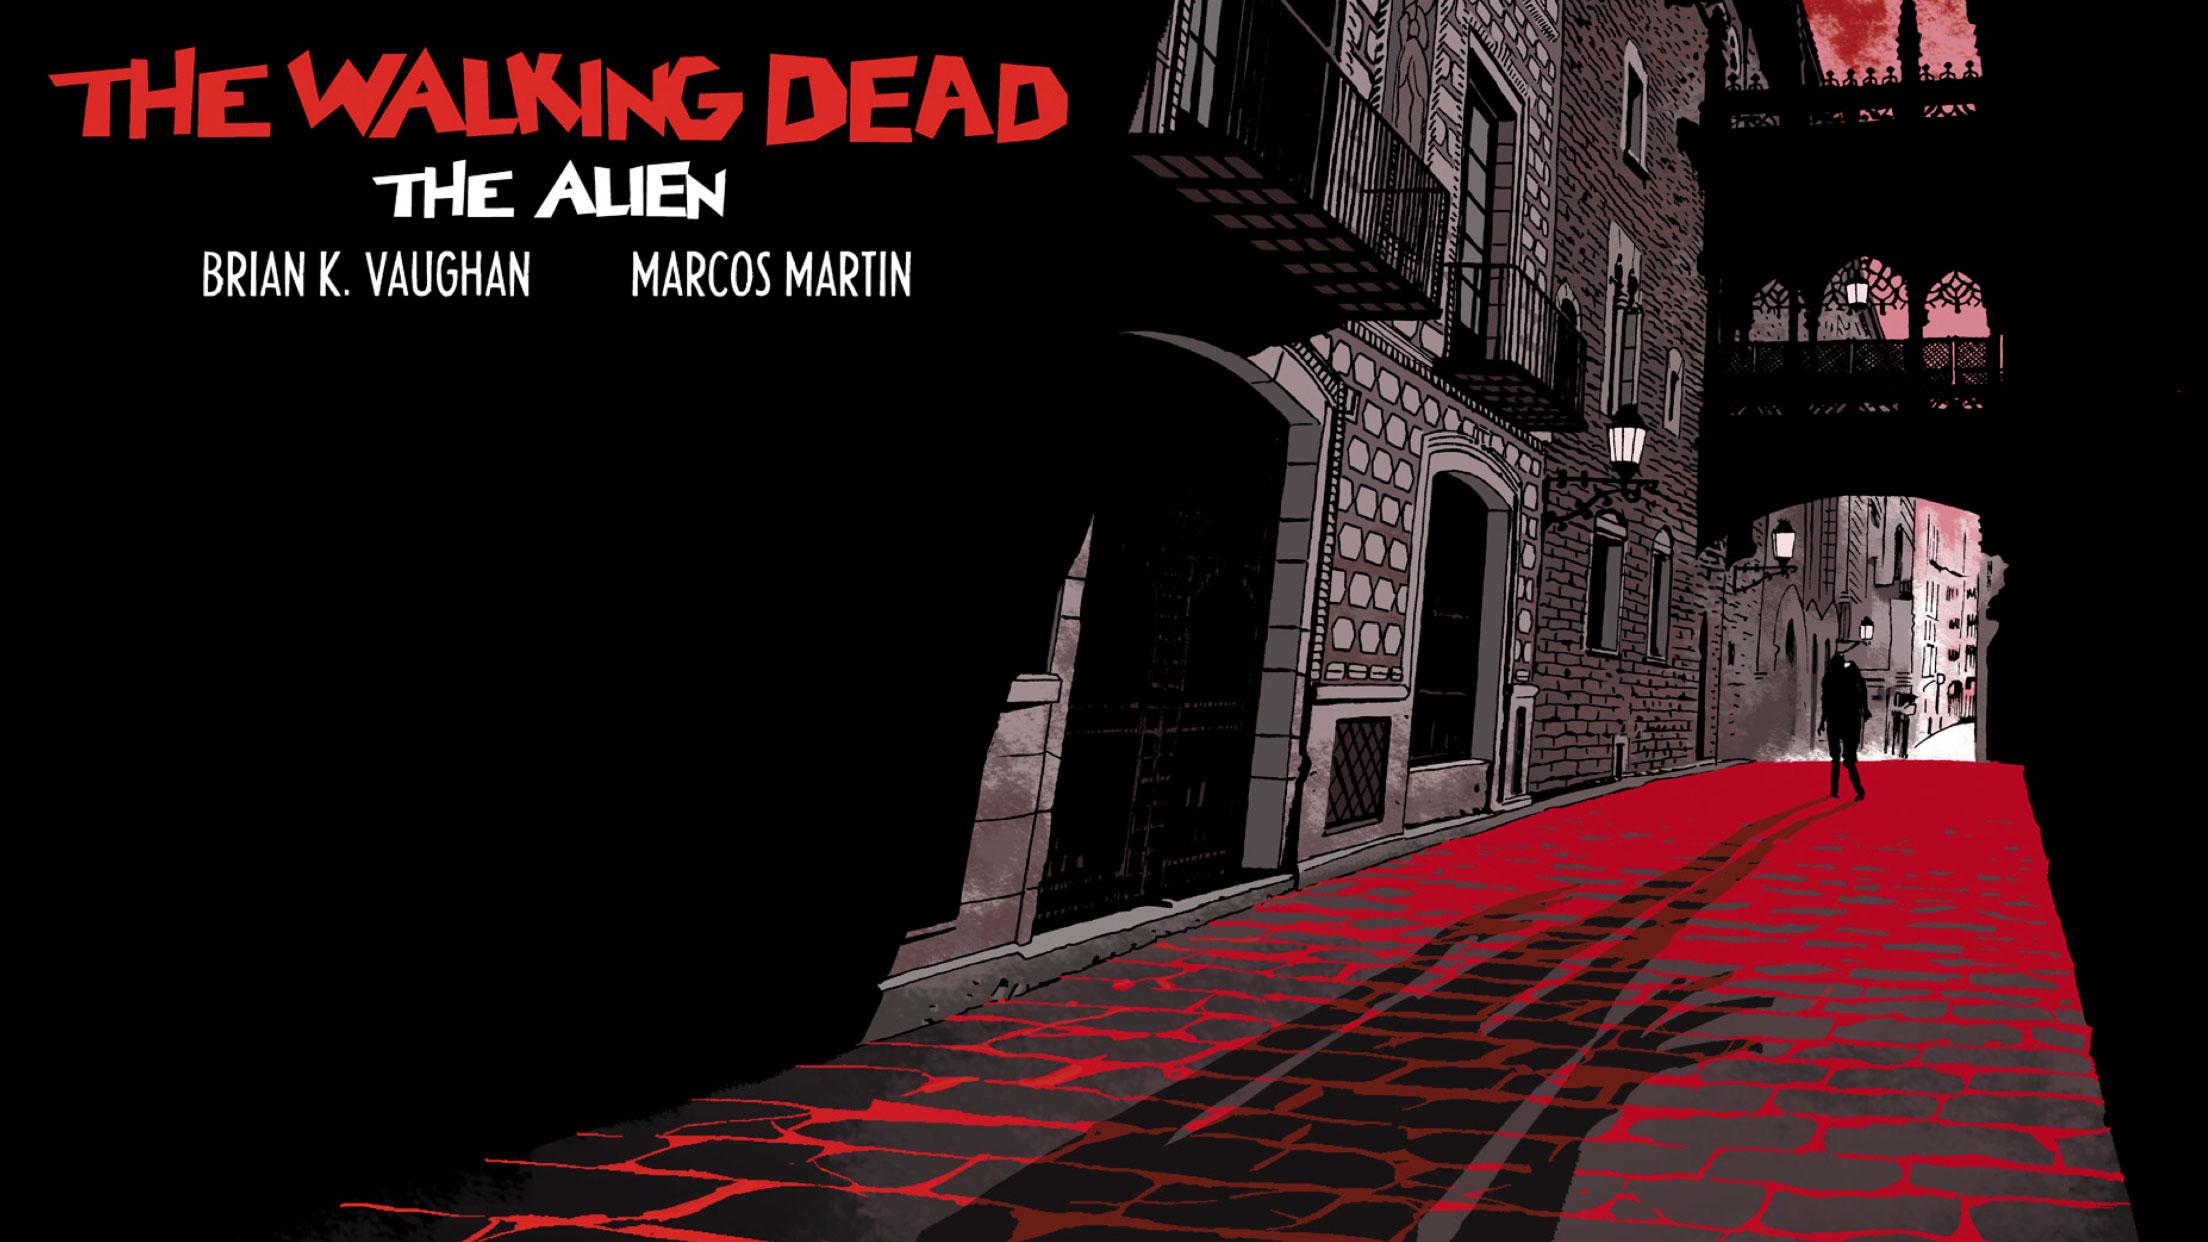 The Walking Dead: The Alien, se desarrolla en Barcelona